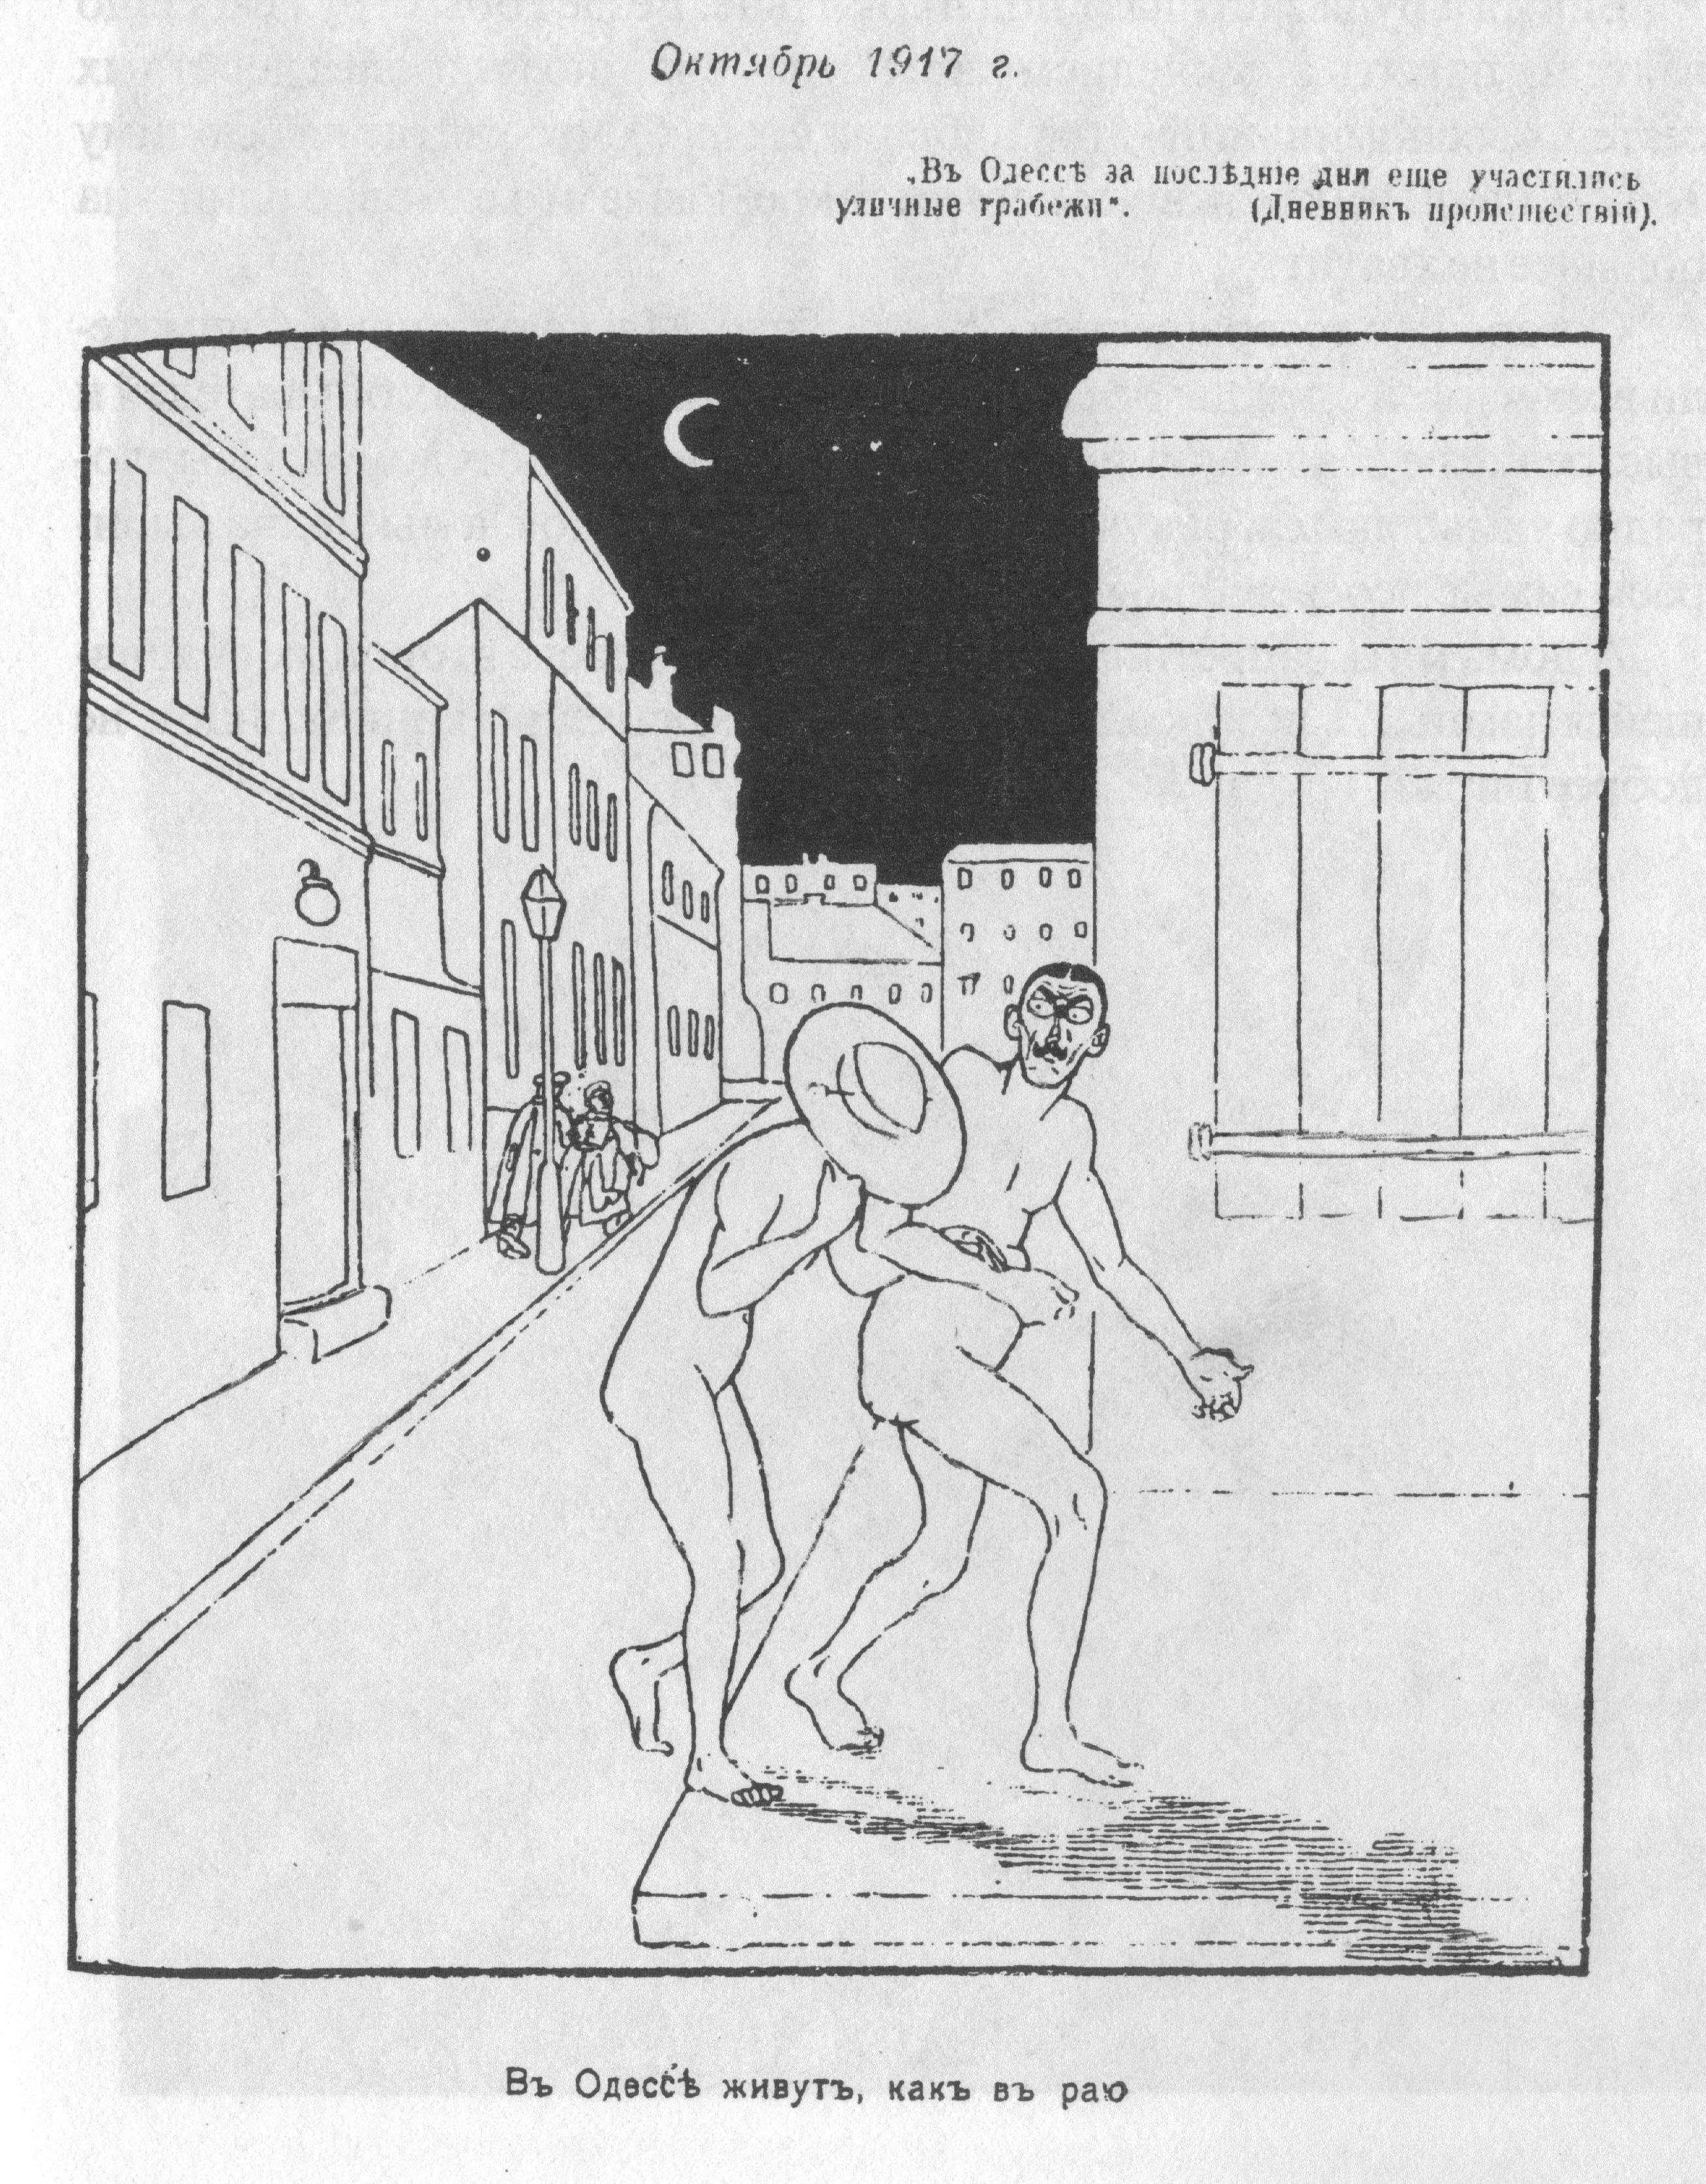 Файл:В Одессе как в раю 1917.jpg — Википедия